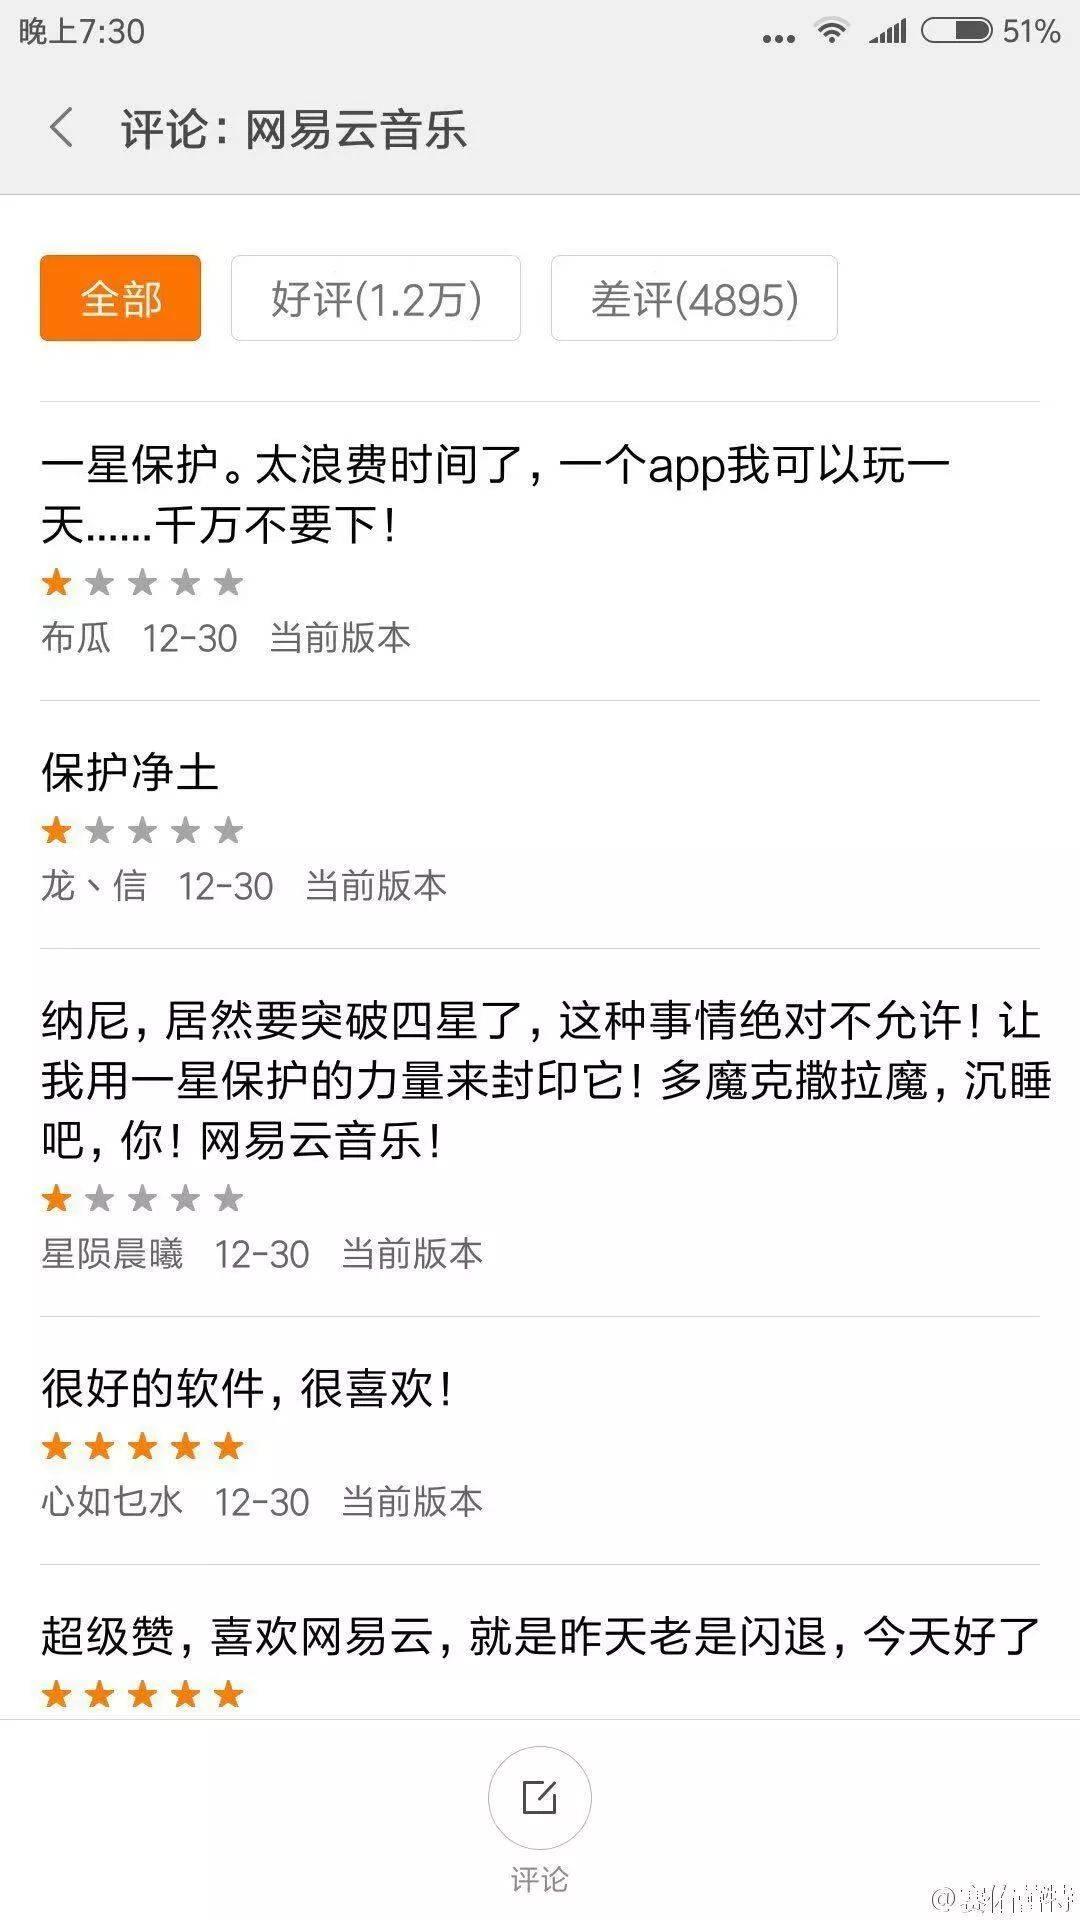 鸟哥笔记,新媒体运营,潘乱,内容运营,网易,UGC